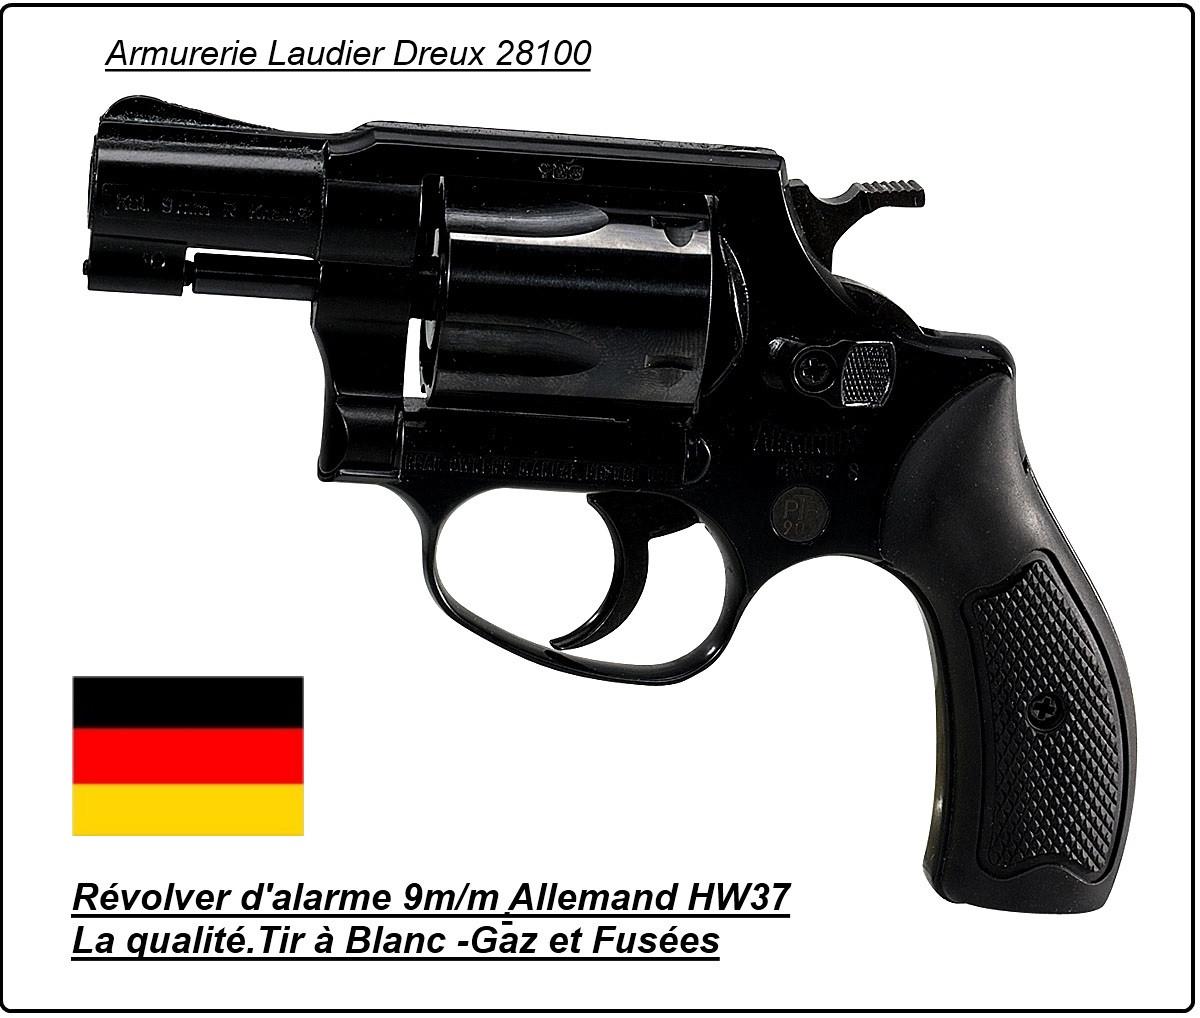 Révolver-alarme et Starter-Weihrauch-HW 37S -Acier - blanc ou gaz lacrymogène-Cal. 9 mm-Allemand-Trés robuste-Promotion-Ref 3401.